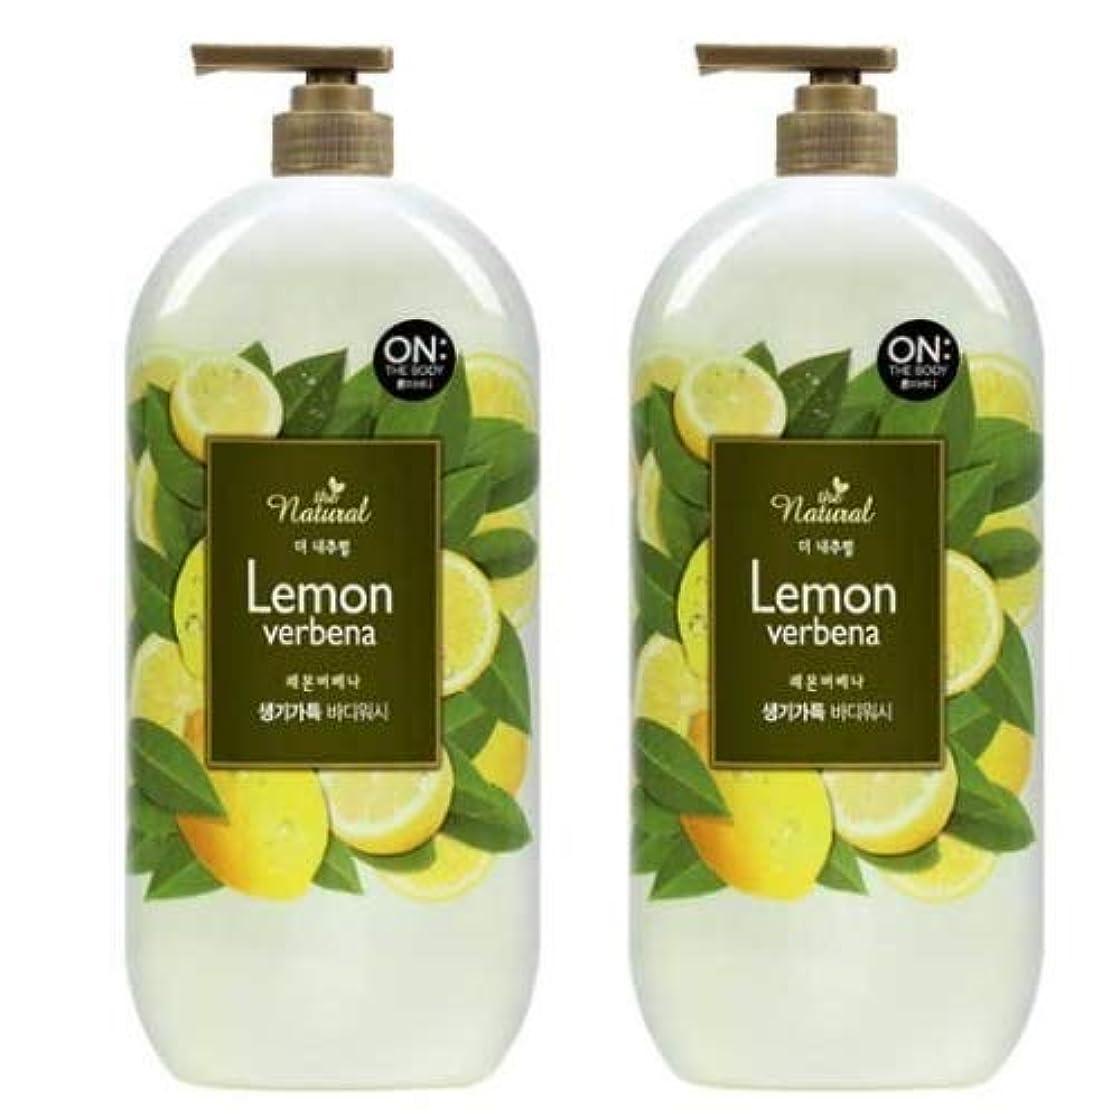 ディレクトリスラダムお茶[LG HnB] On the Body The Natural Body Wash / オンザボディよりナチュラルウォッシュ900gx2個(海外直送品)